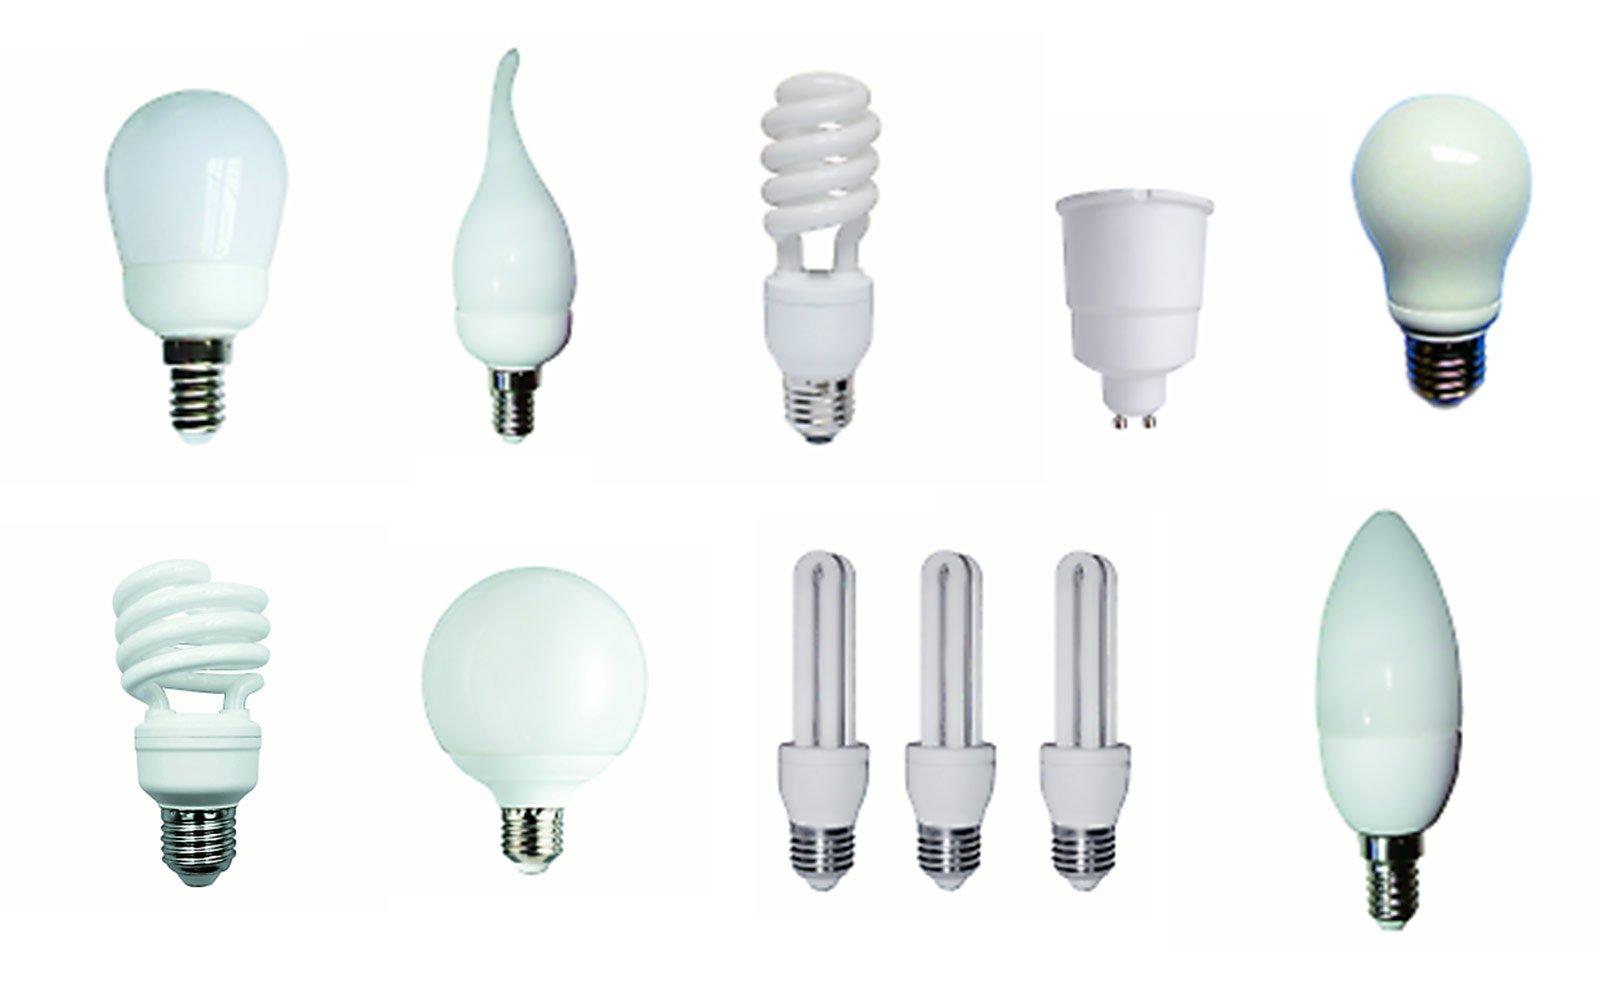 lampade fluorescenti stop all ecocontributo raee cose